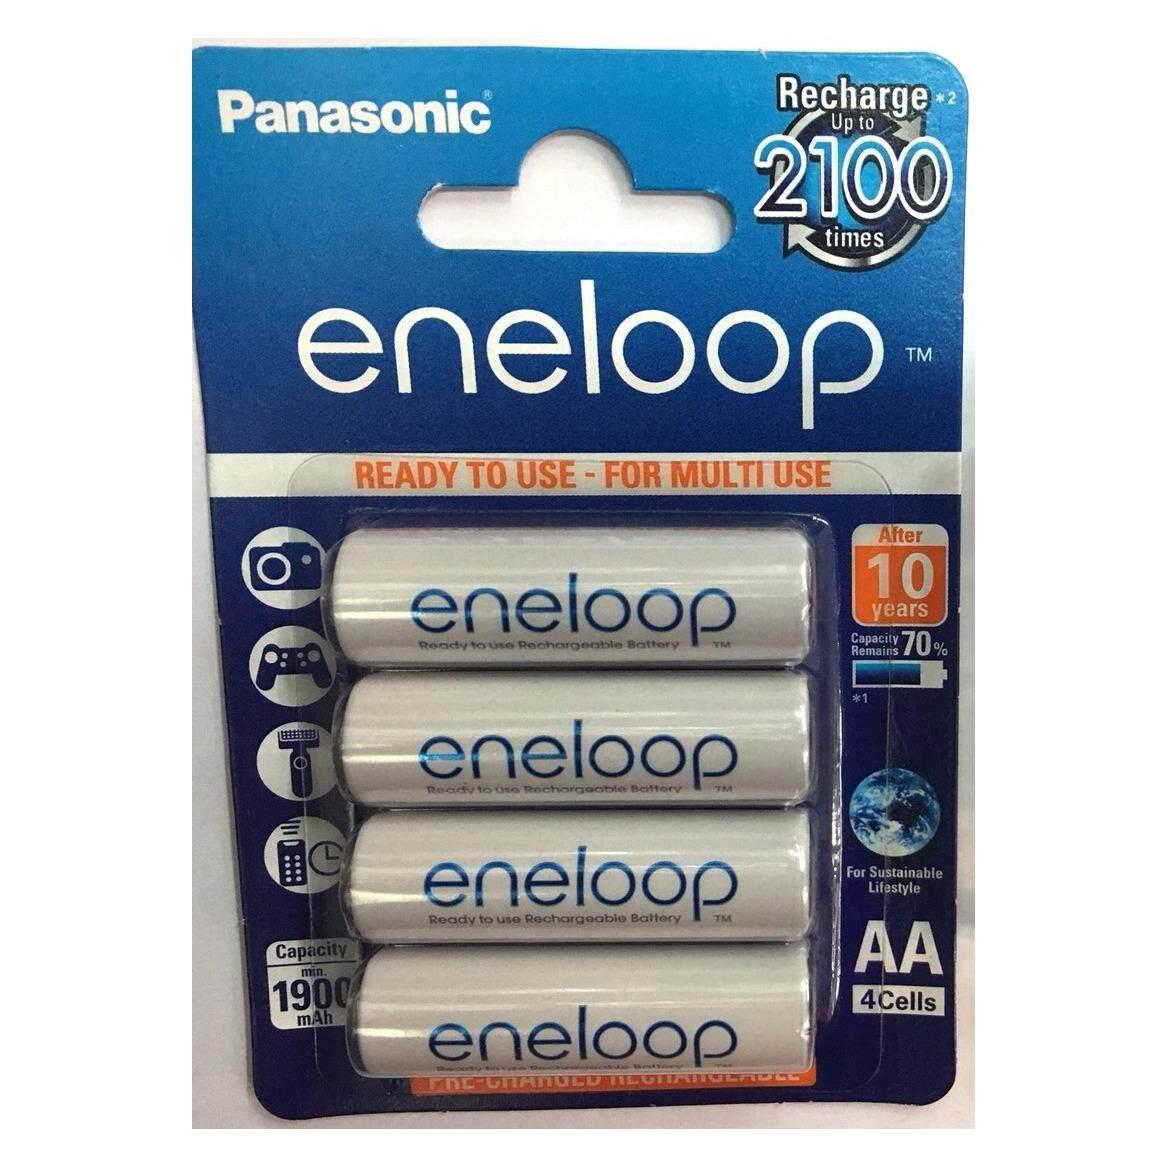 ราคา ถ่านชาร์จ Panasonic Eneloop Aa 4 ก้อน ของแท้ ประกัน 6 เดือน ผลิตปี 2017 ใหม่